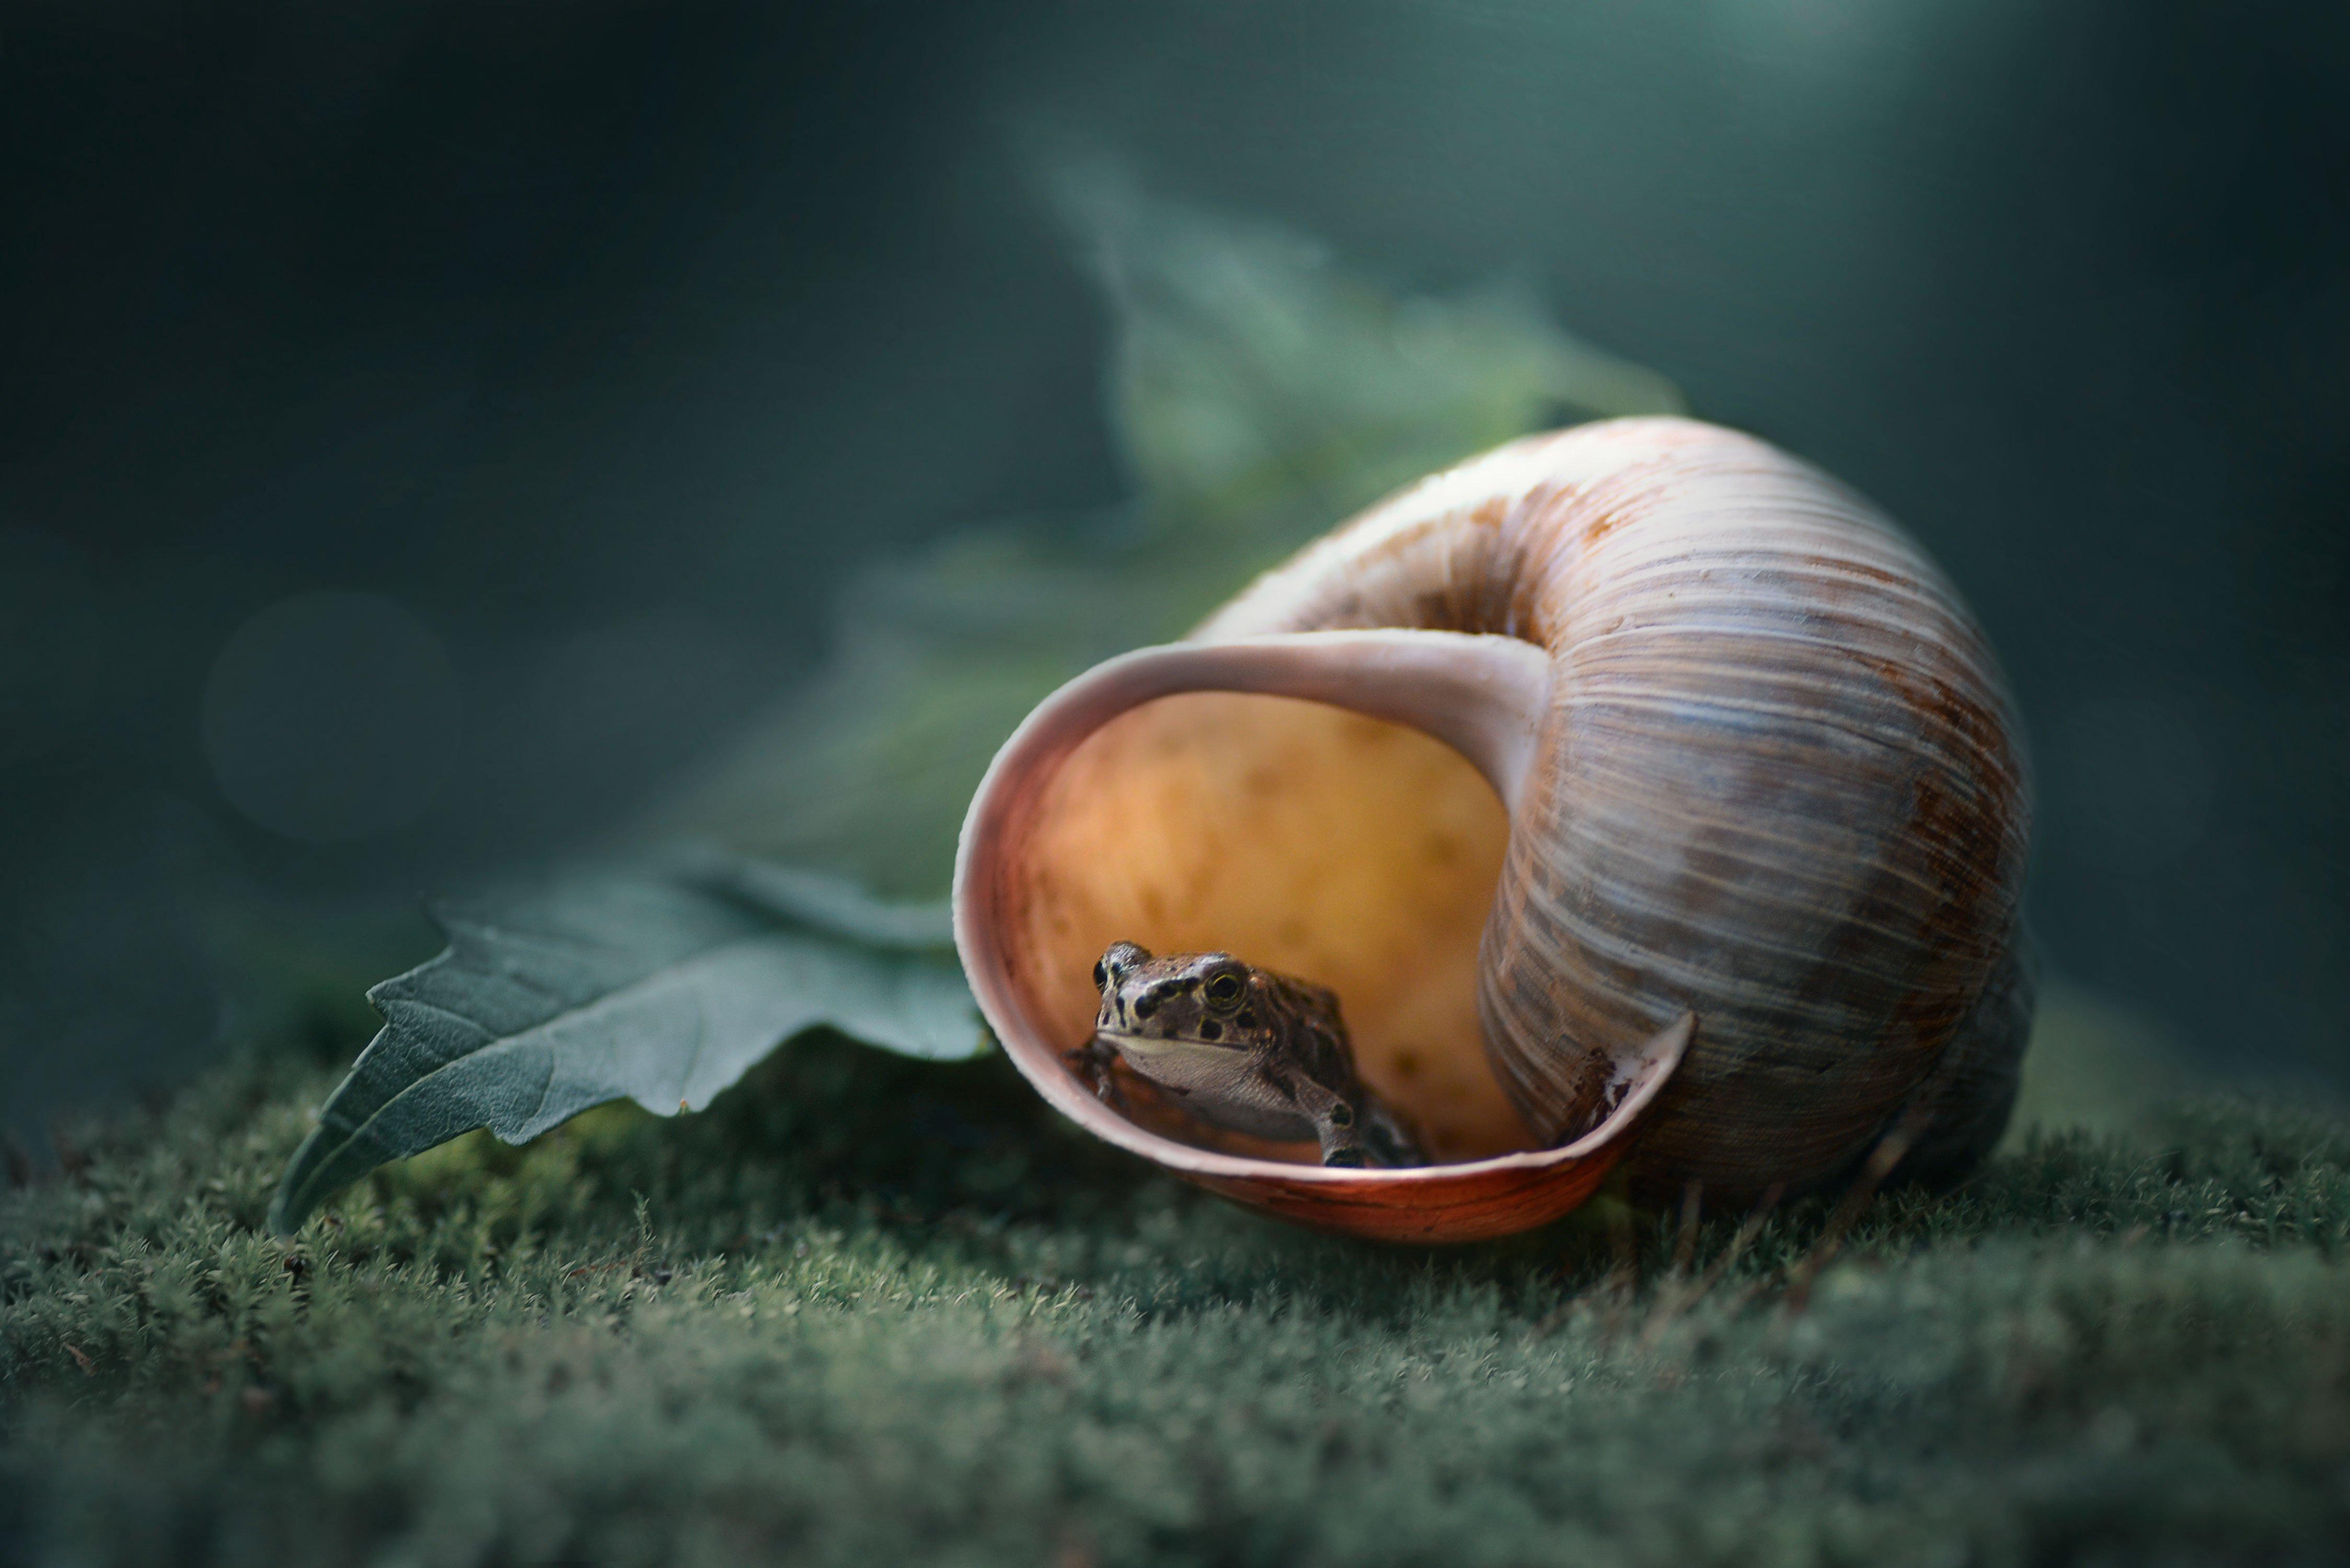 лягушка, ракушка, макро, природа, зеленый лист, Чернобай Анна